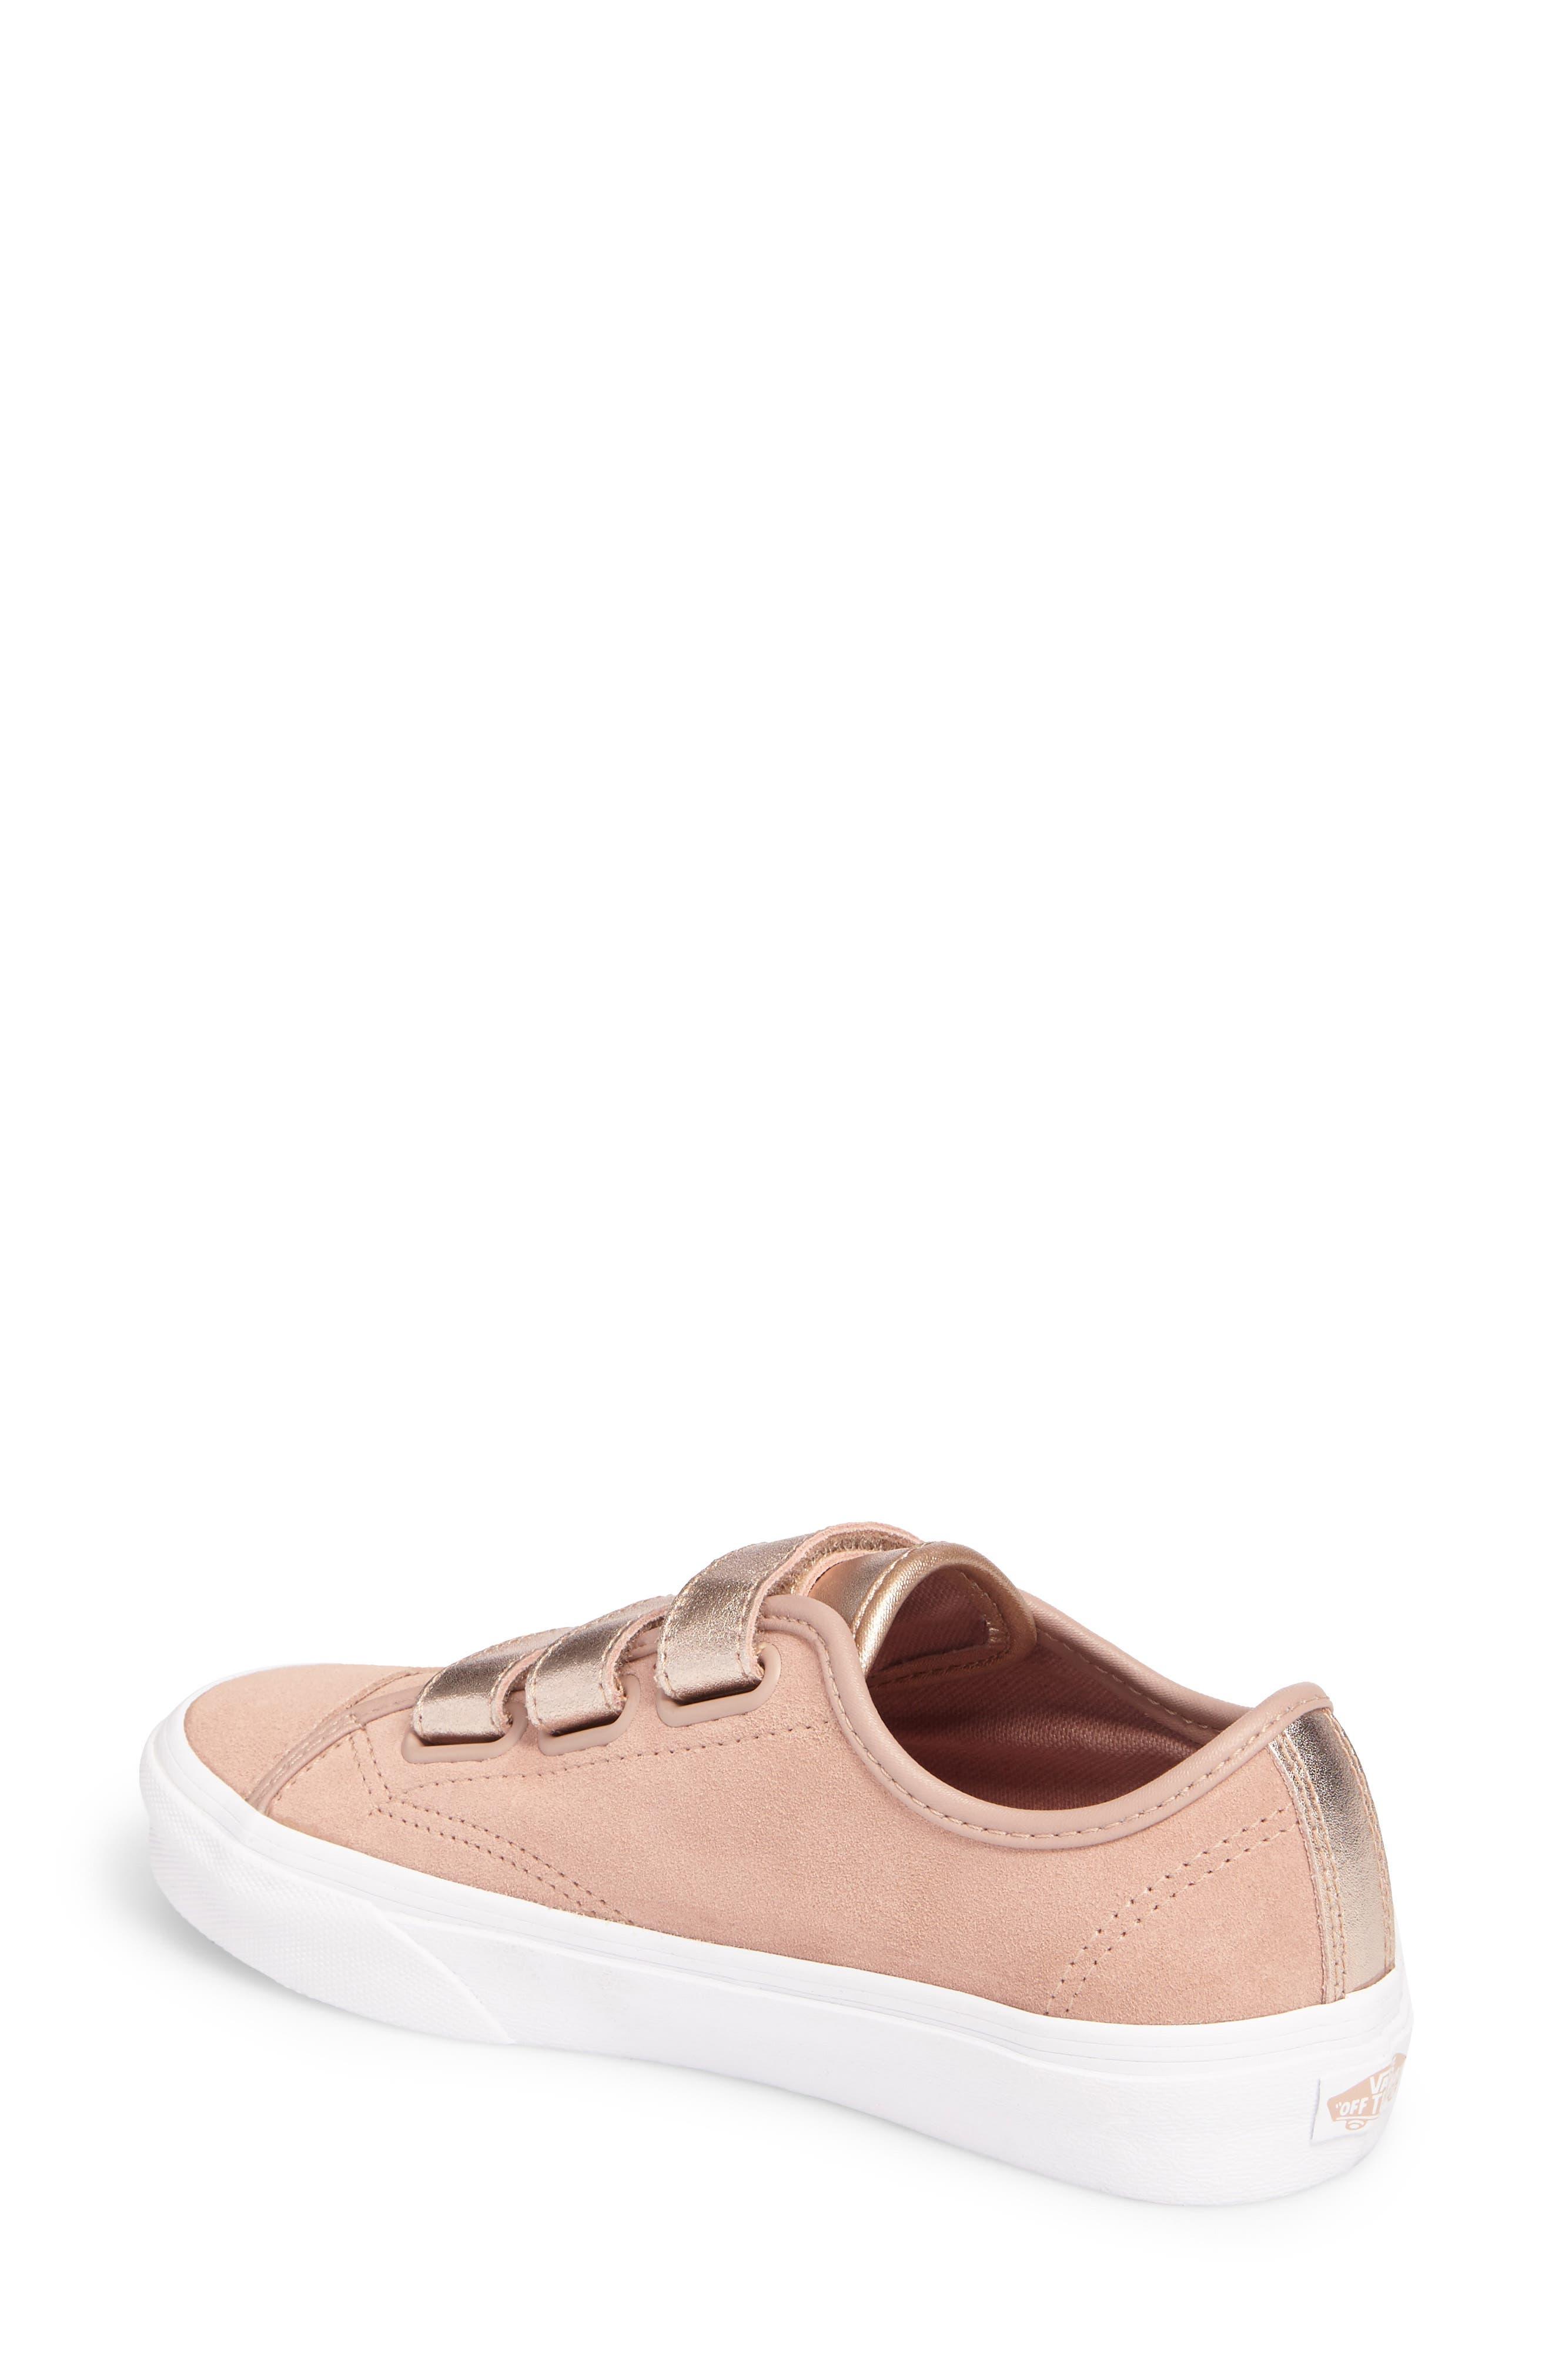 Style 23 V Sneaker,                             Alternate thumbnail 3, color,                             Mahogany Rose/ True White